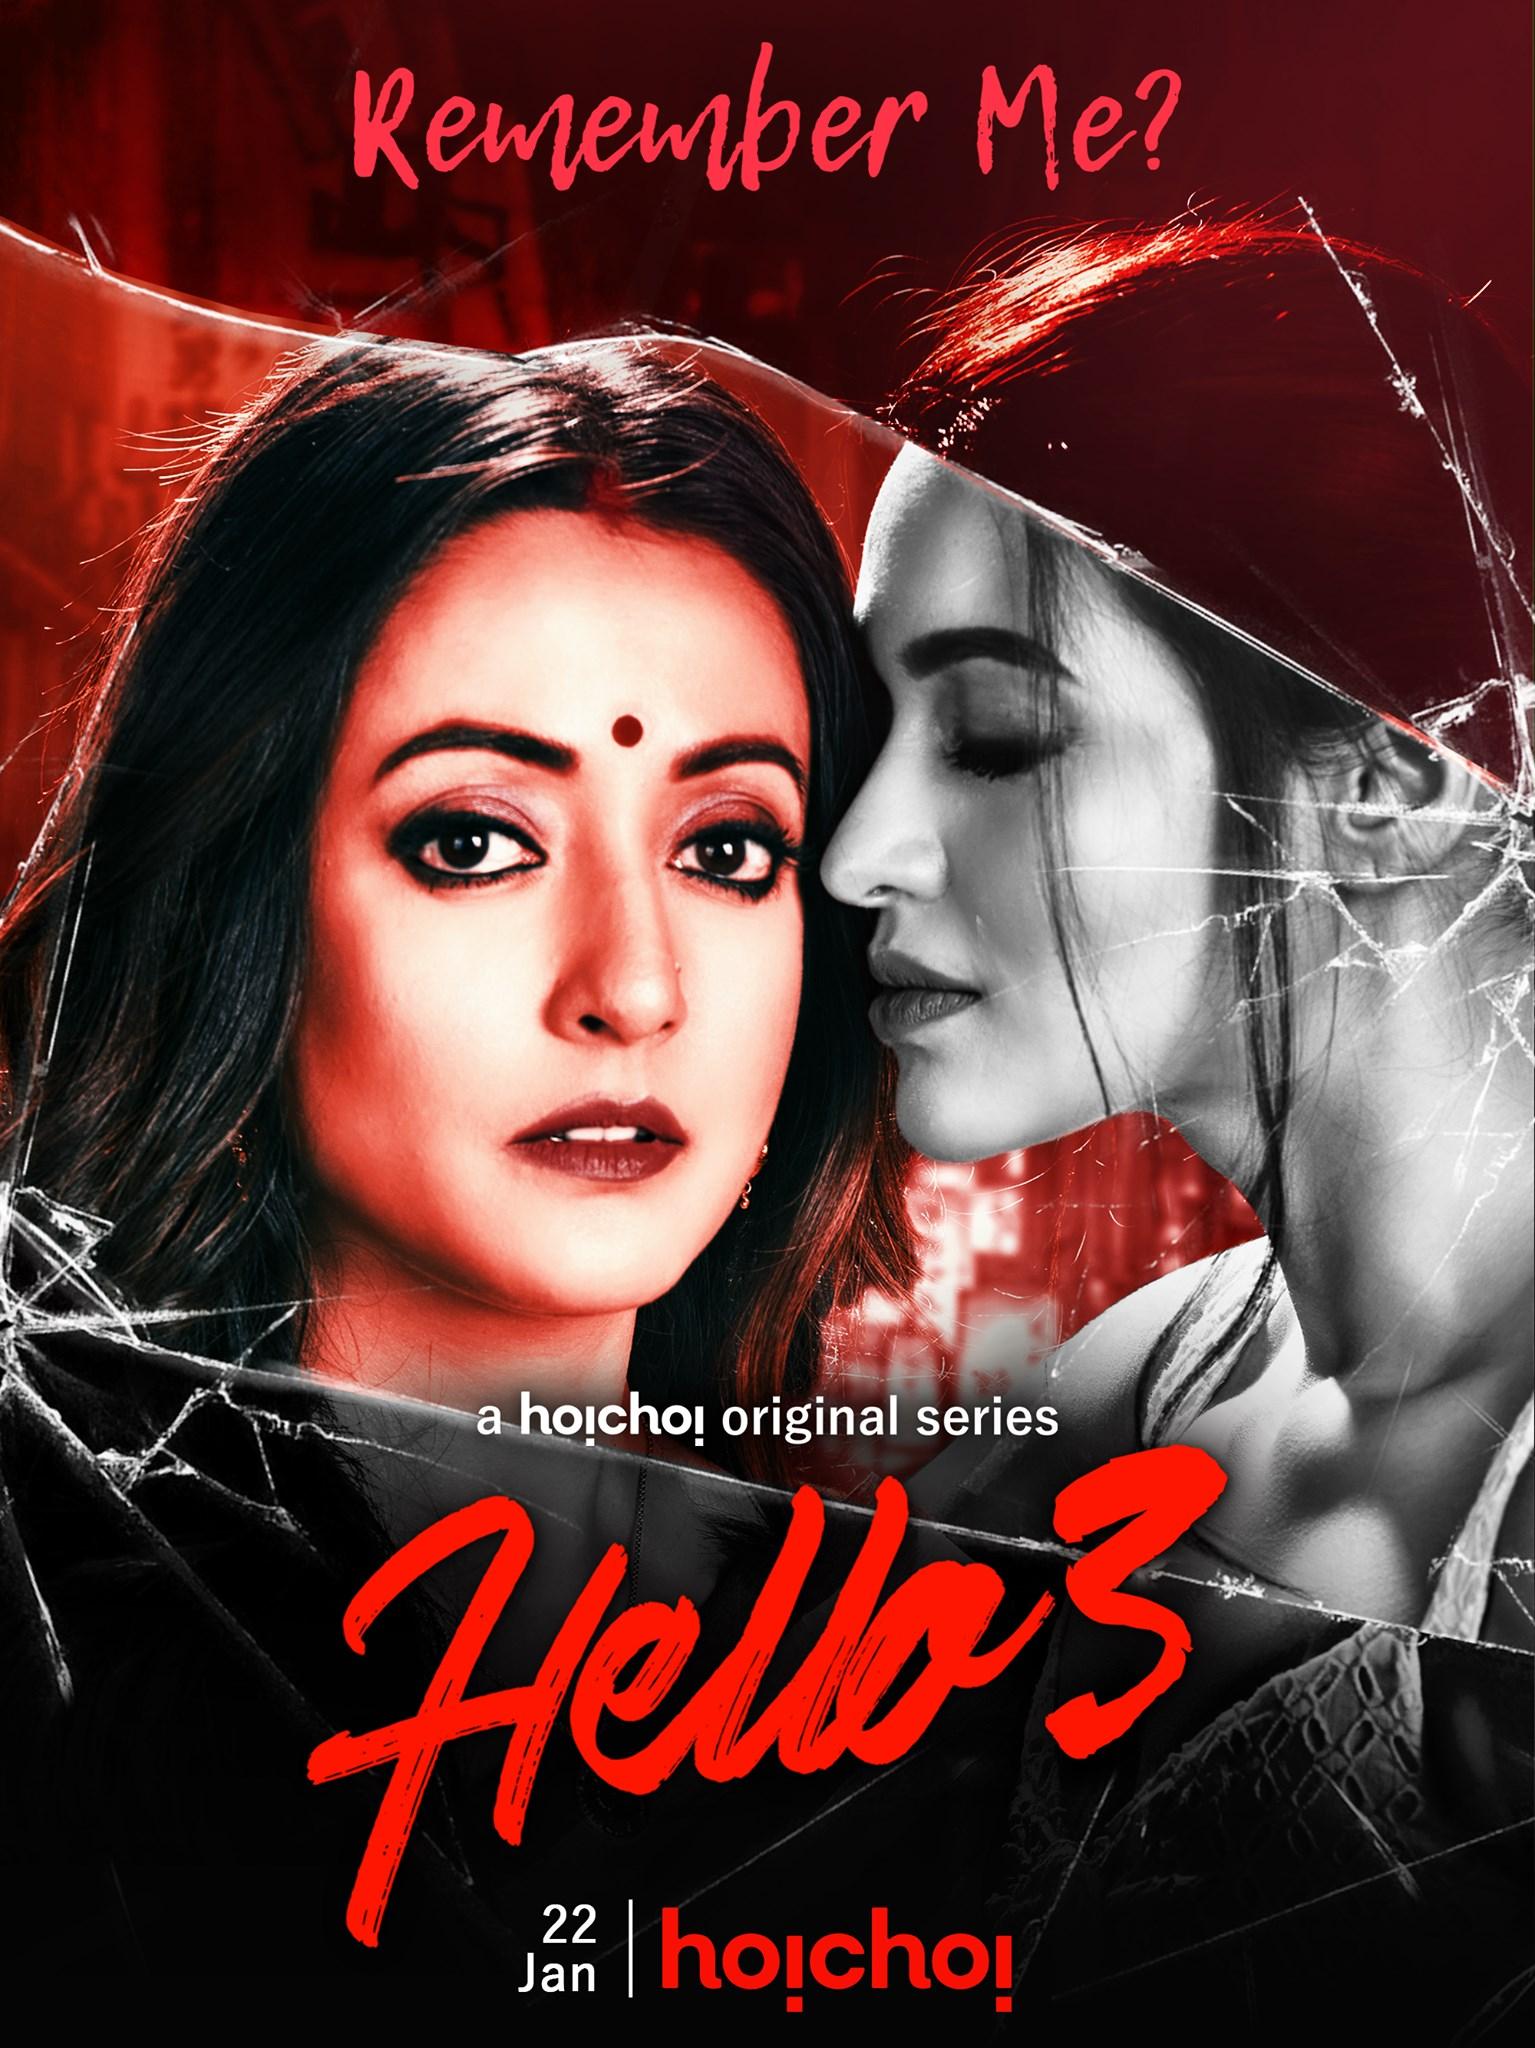 Hello 3 2021 S03 Hoichoi Originals Bengali Web Series 720p HDRip 900MB Download